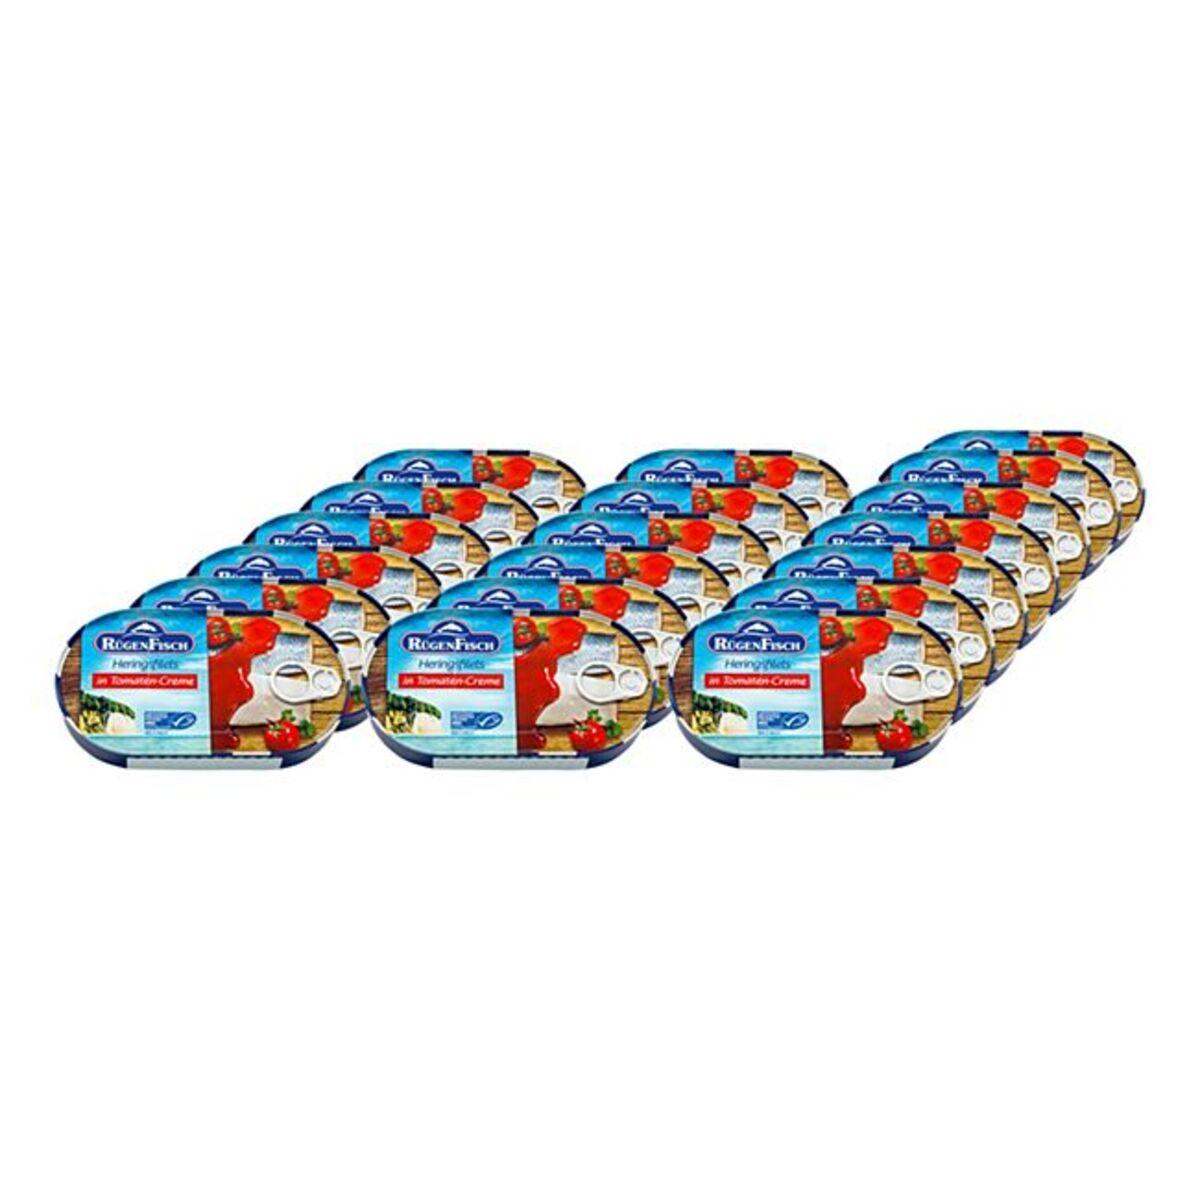 Bild 1 von Rügenfisch Heringsfilet Tomate MSC 200 g, 19er Pack